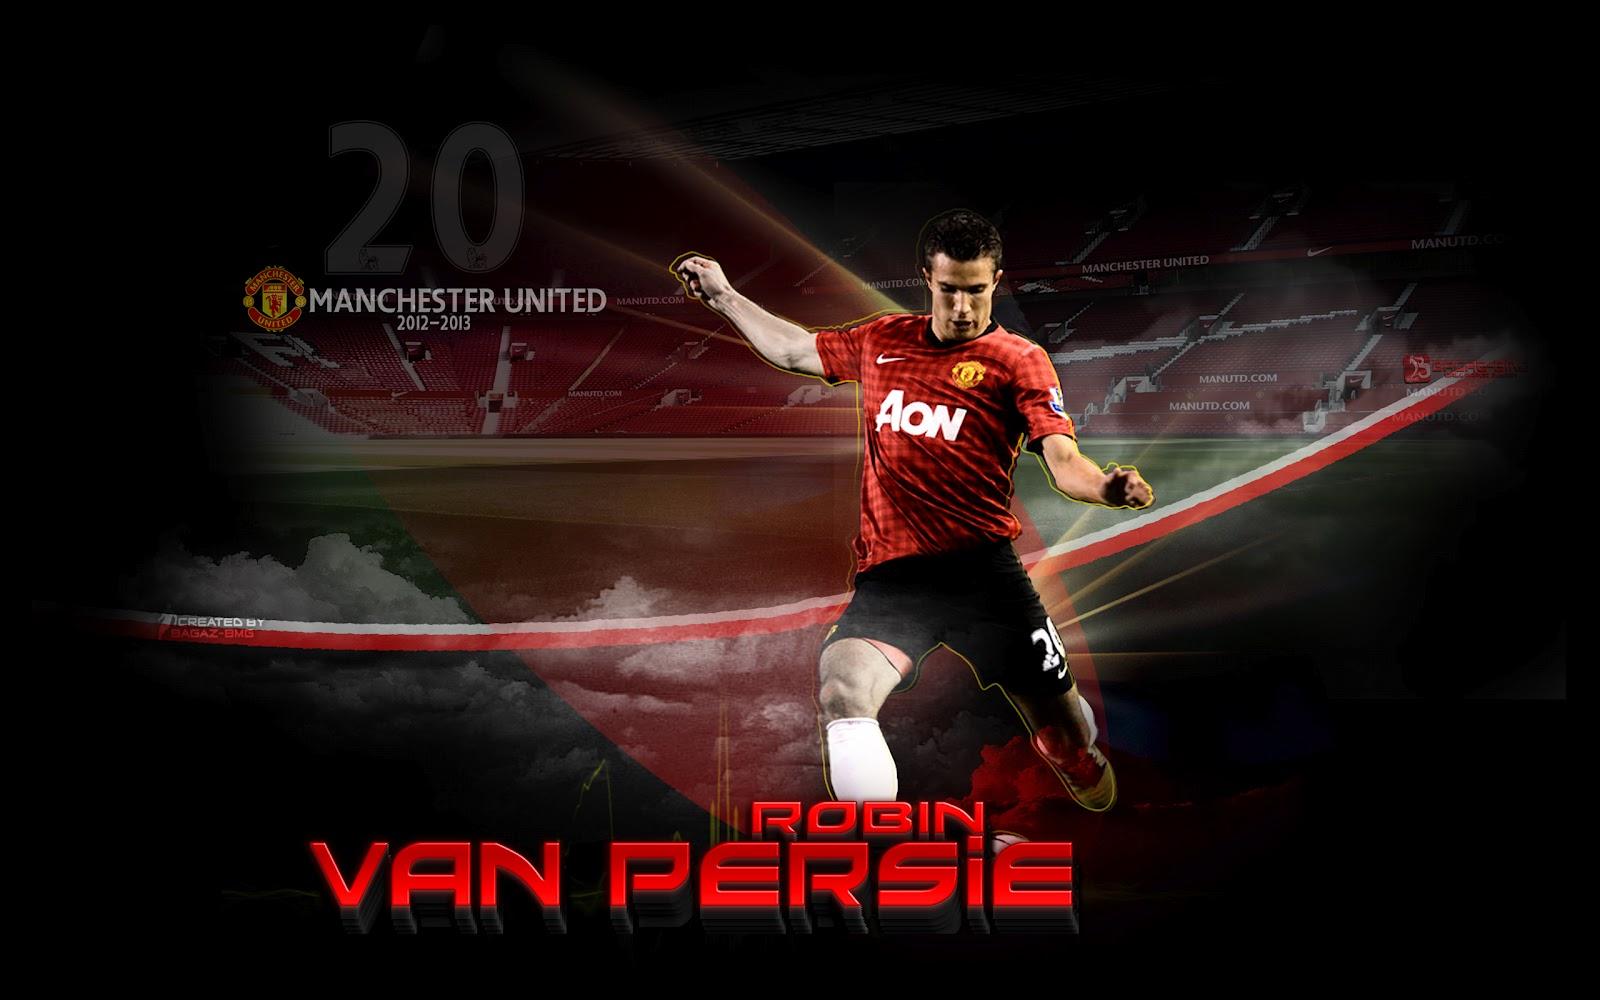 http://3.bp.blogspot.com/-FMAqMl-agFc/UPv8VYZX2WI/AAAAAAAAPXg/wrkB4jz7qik/s1600/Roben+Van+Persie+2013+Walpapers+HD+Manchester+United.jpg